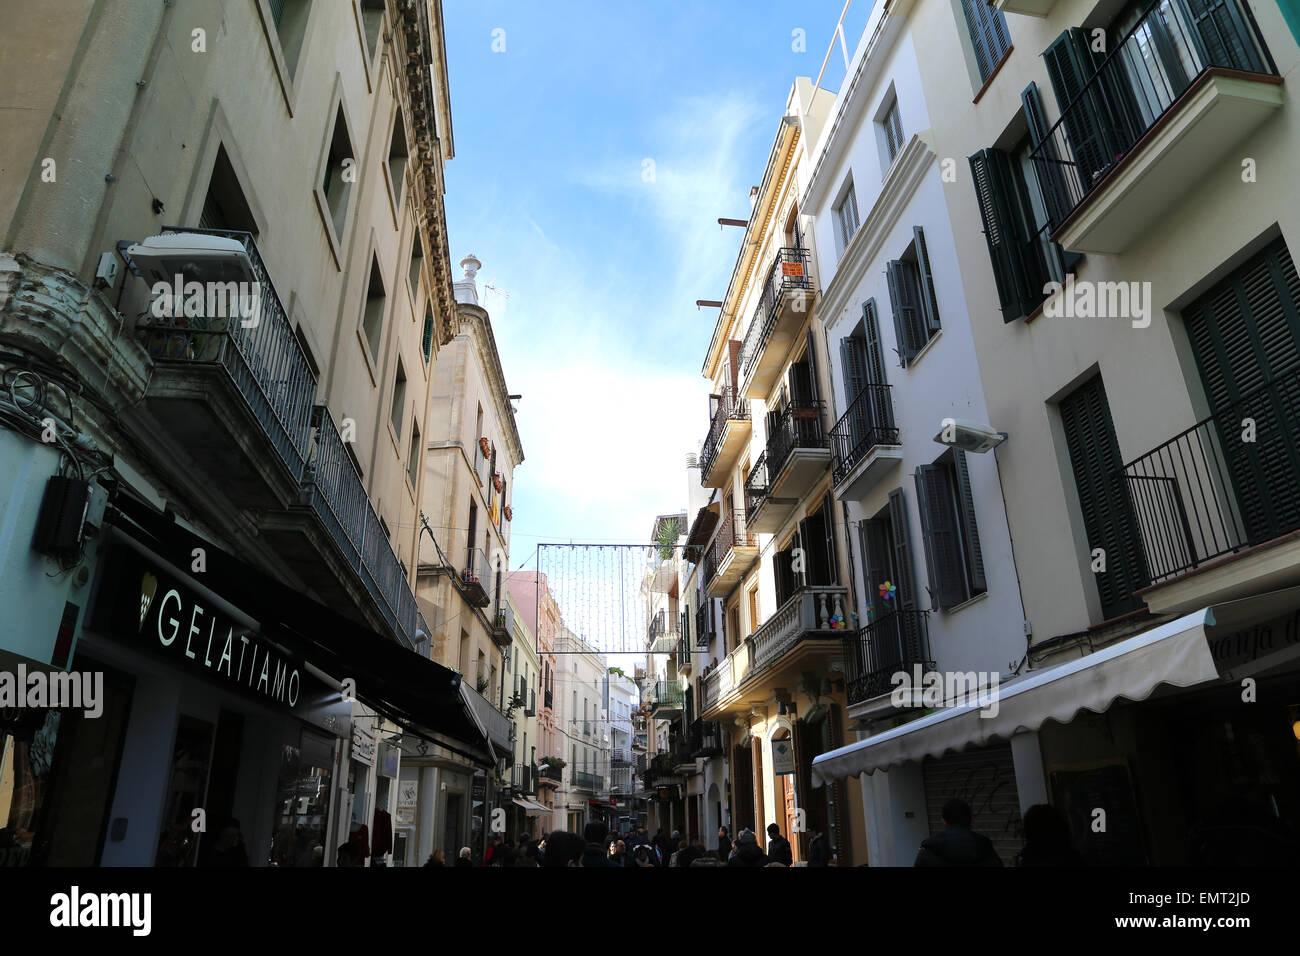 España. Cataluña. Sitges. Casco antiguo de la ciudad. Street. Foto de stock